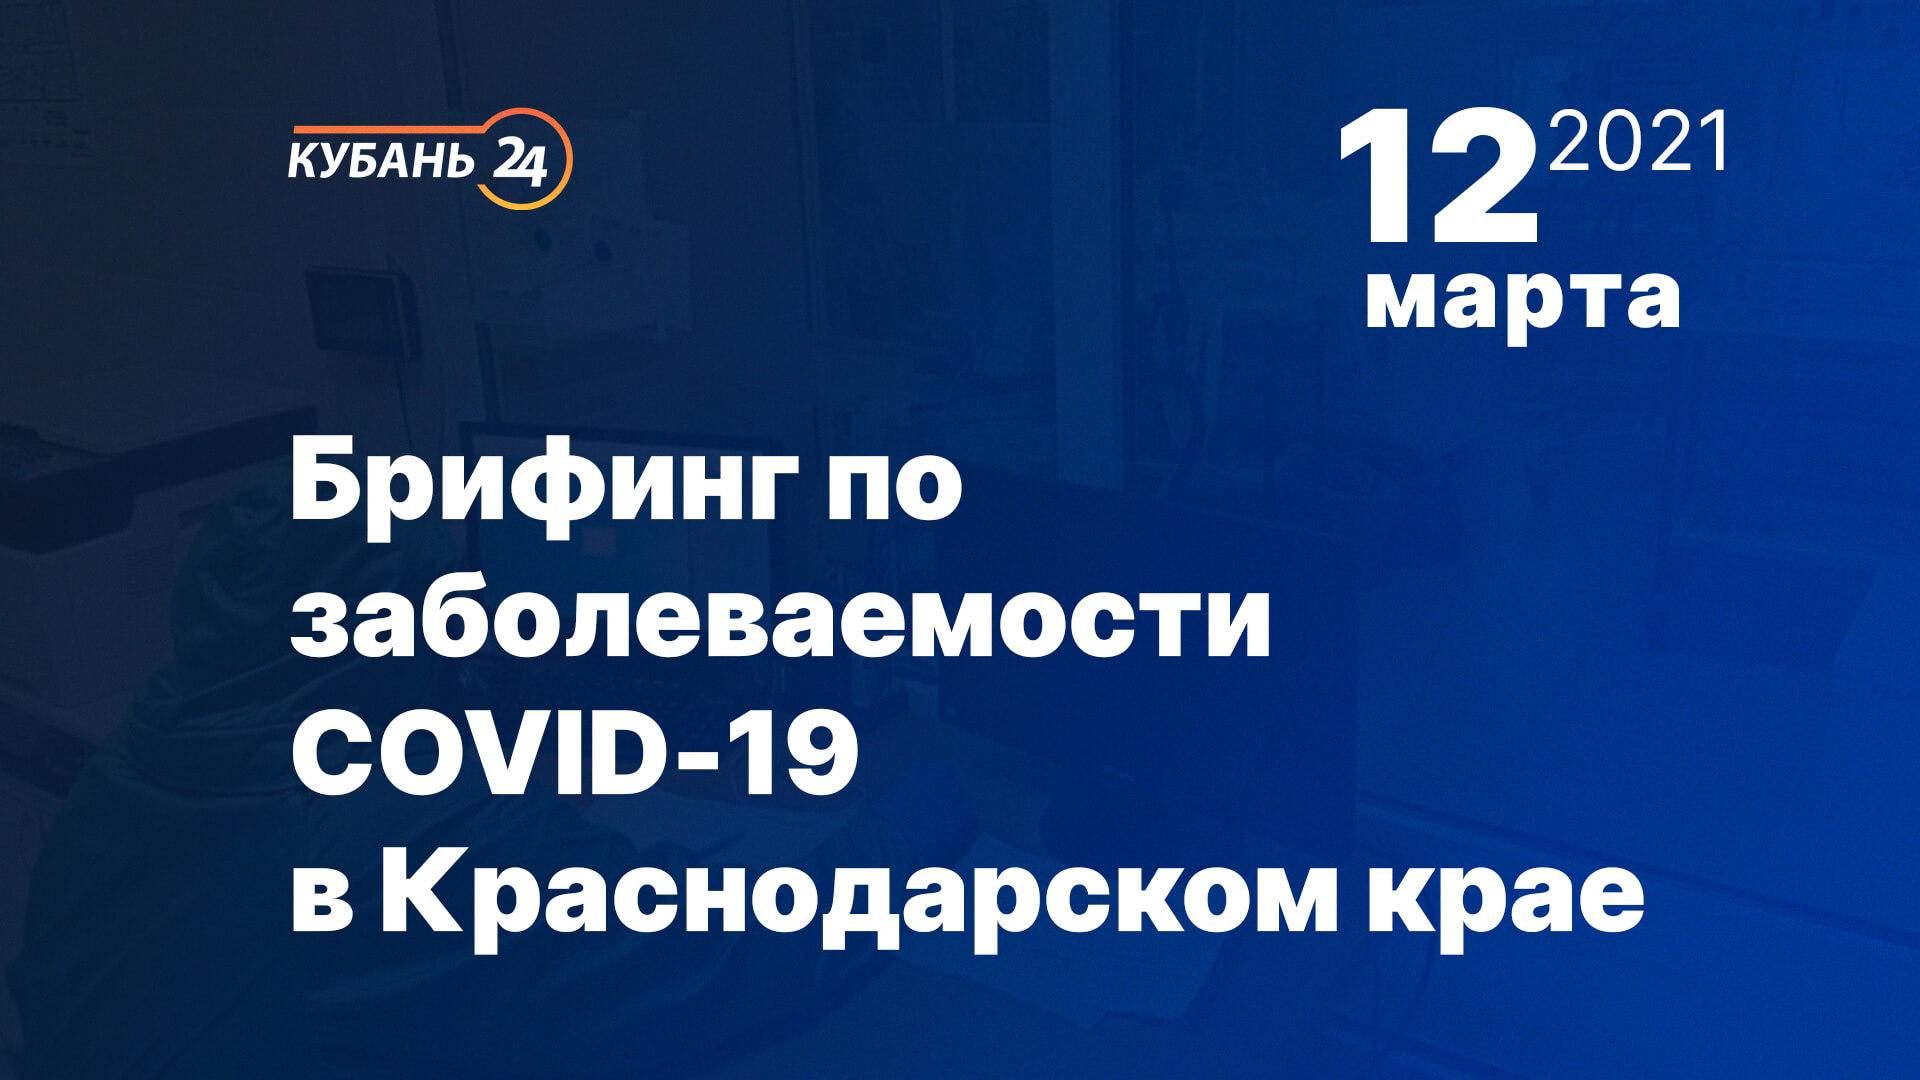 Брифинг по заболеваемости COVID-19 на Кубани пройдет 12 марта